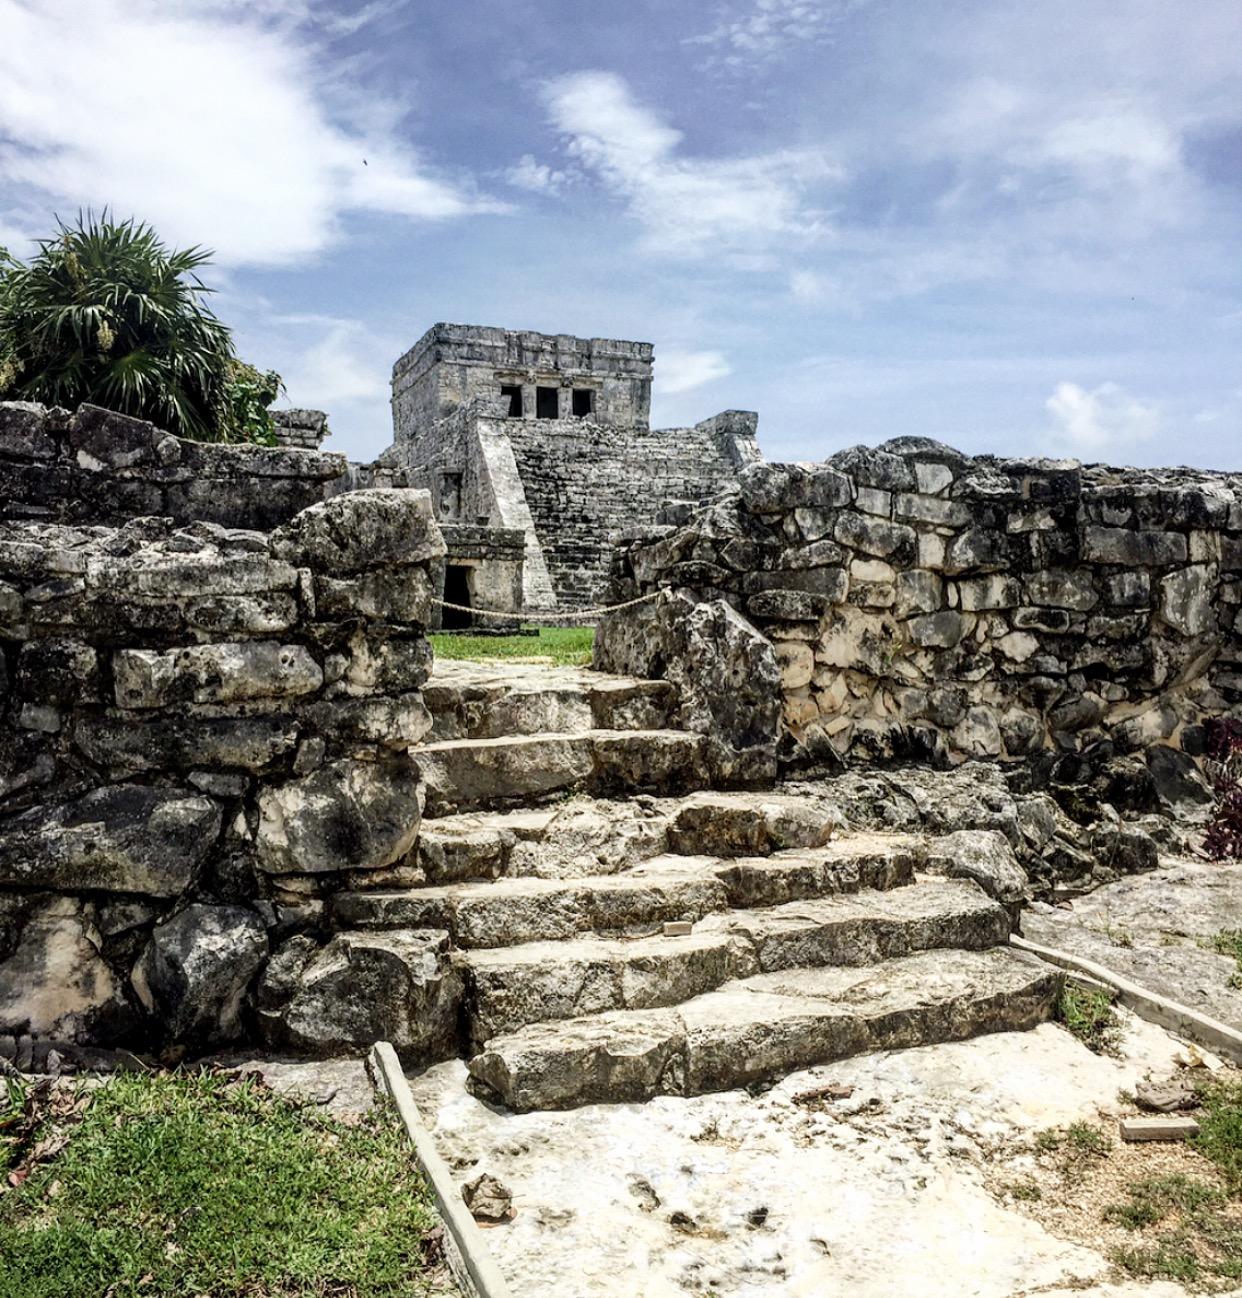 Ταξίδι στα χνάρια των... Μάγια! H Τίτη Βελοπούλου έφτασε μέχρι το Mεξικό και μας αποκαλύπτει μια από τις σπουδαιότερες αρχαίες πόλεις του κόσμου!